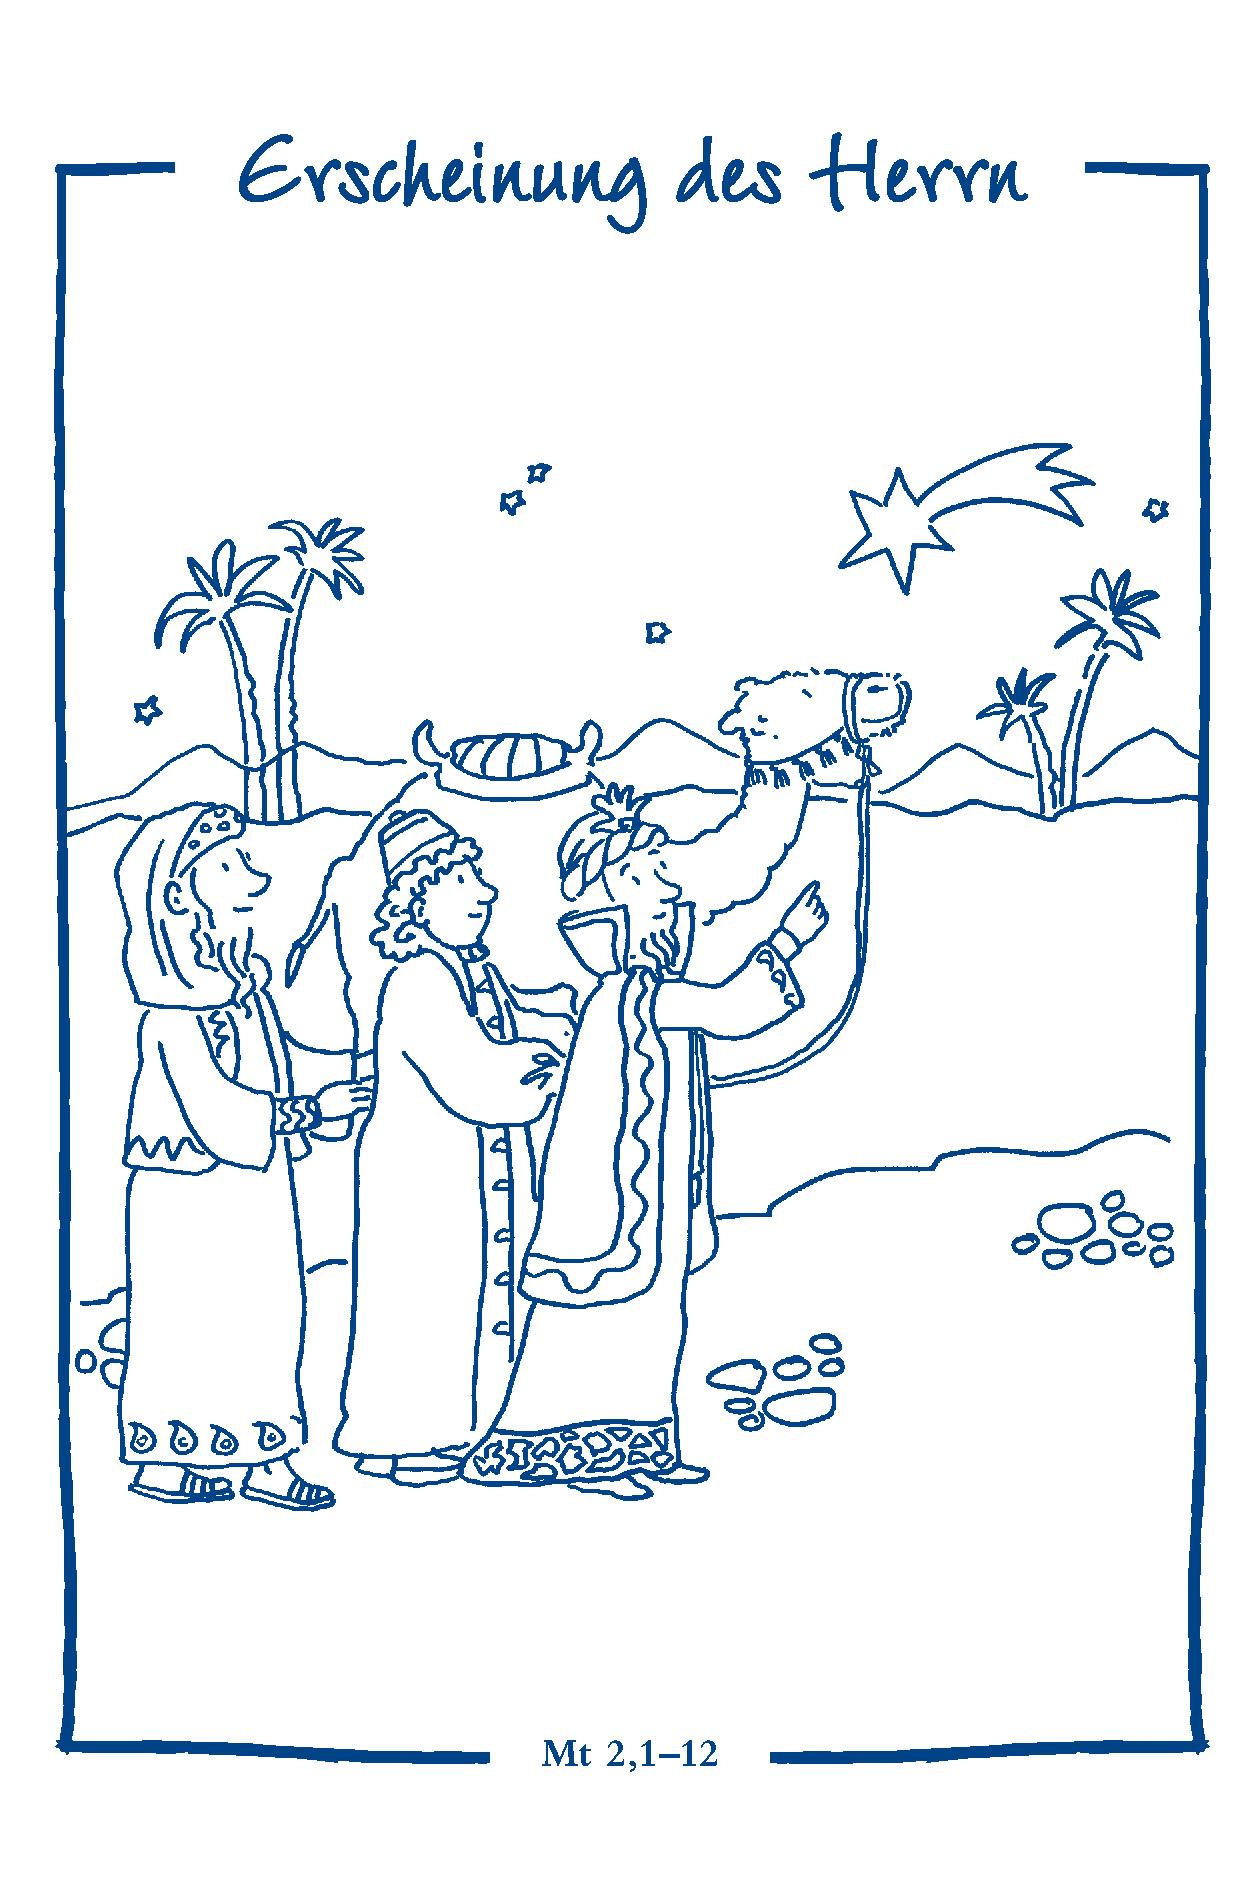 Ausgezeichnet Ausmalbilder Zum Katholischen Heiligen Galerie - Entry ...